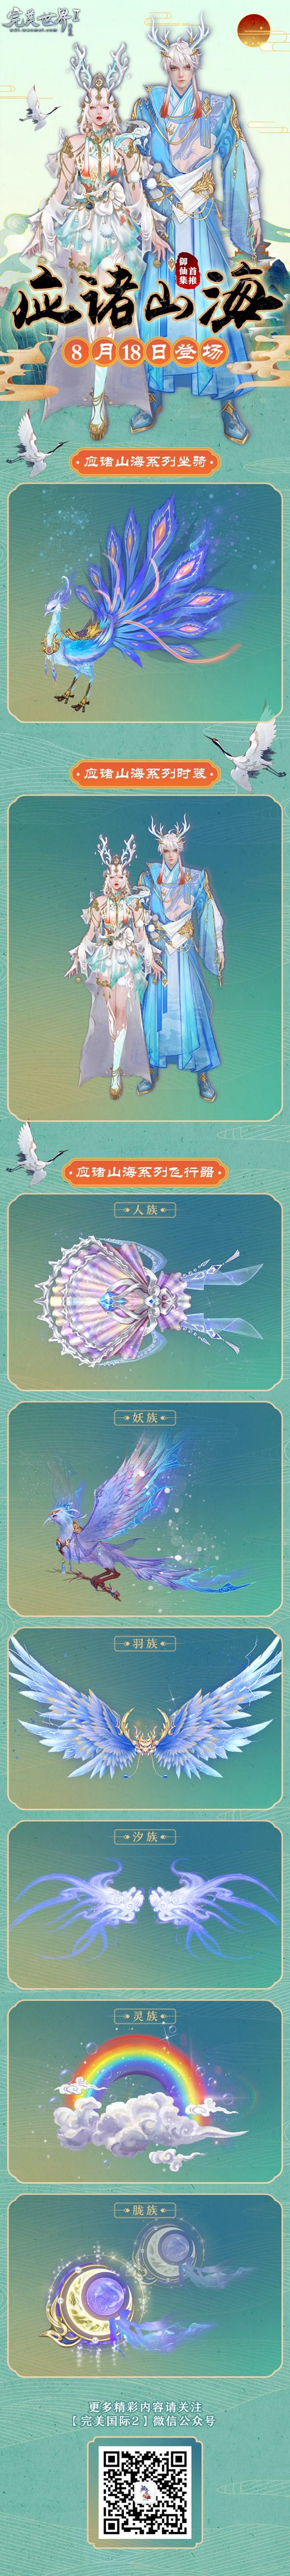 图片: 图1:应诸山海系列.jpg